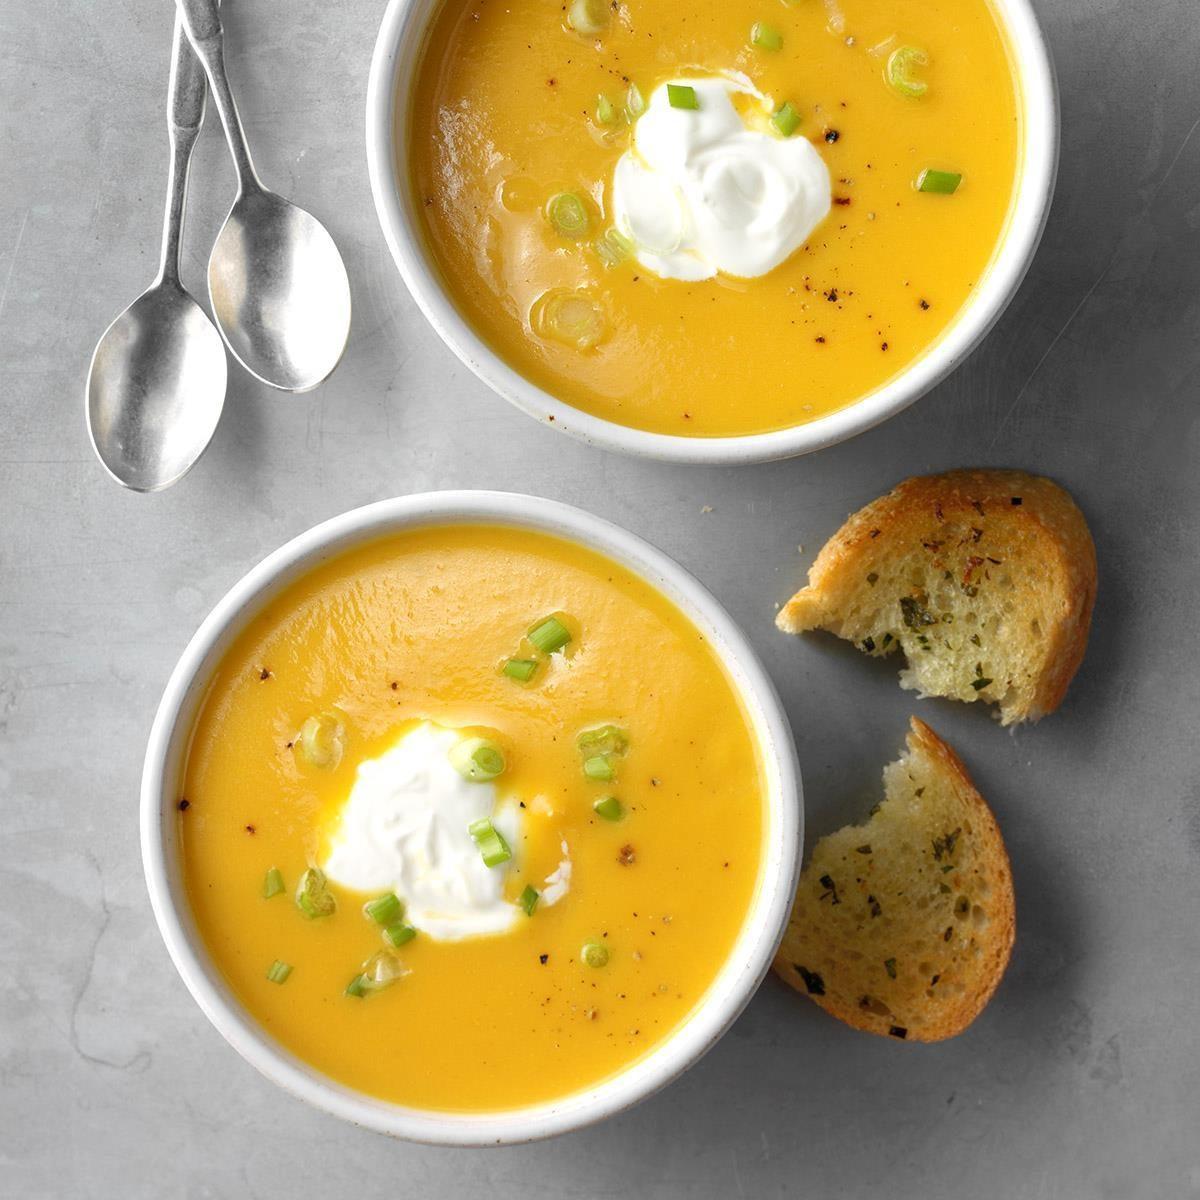 Iowa: Quick Golden Squash Soup